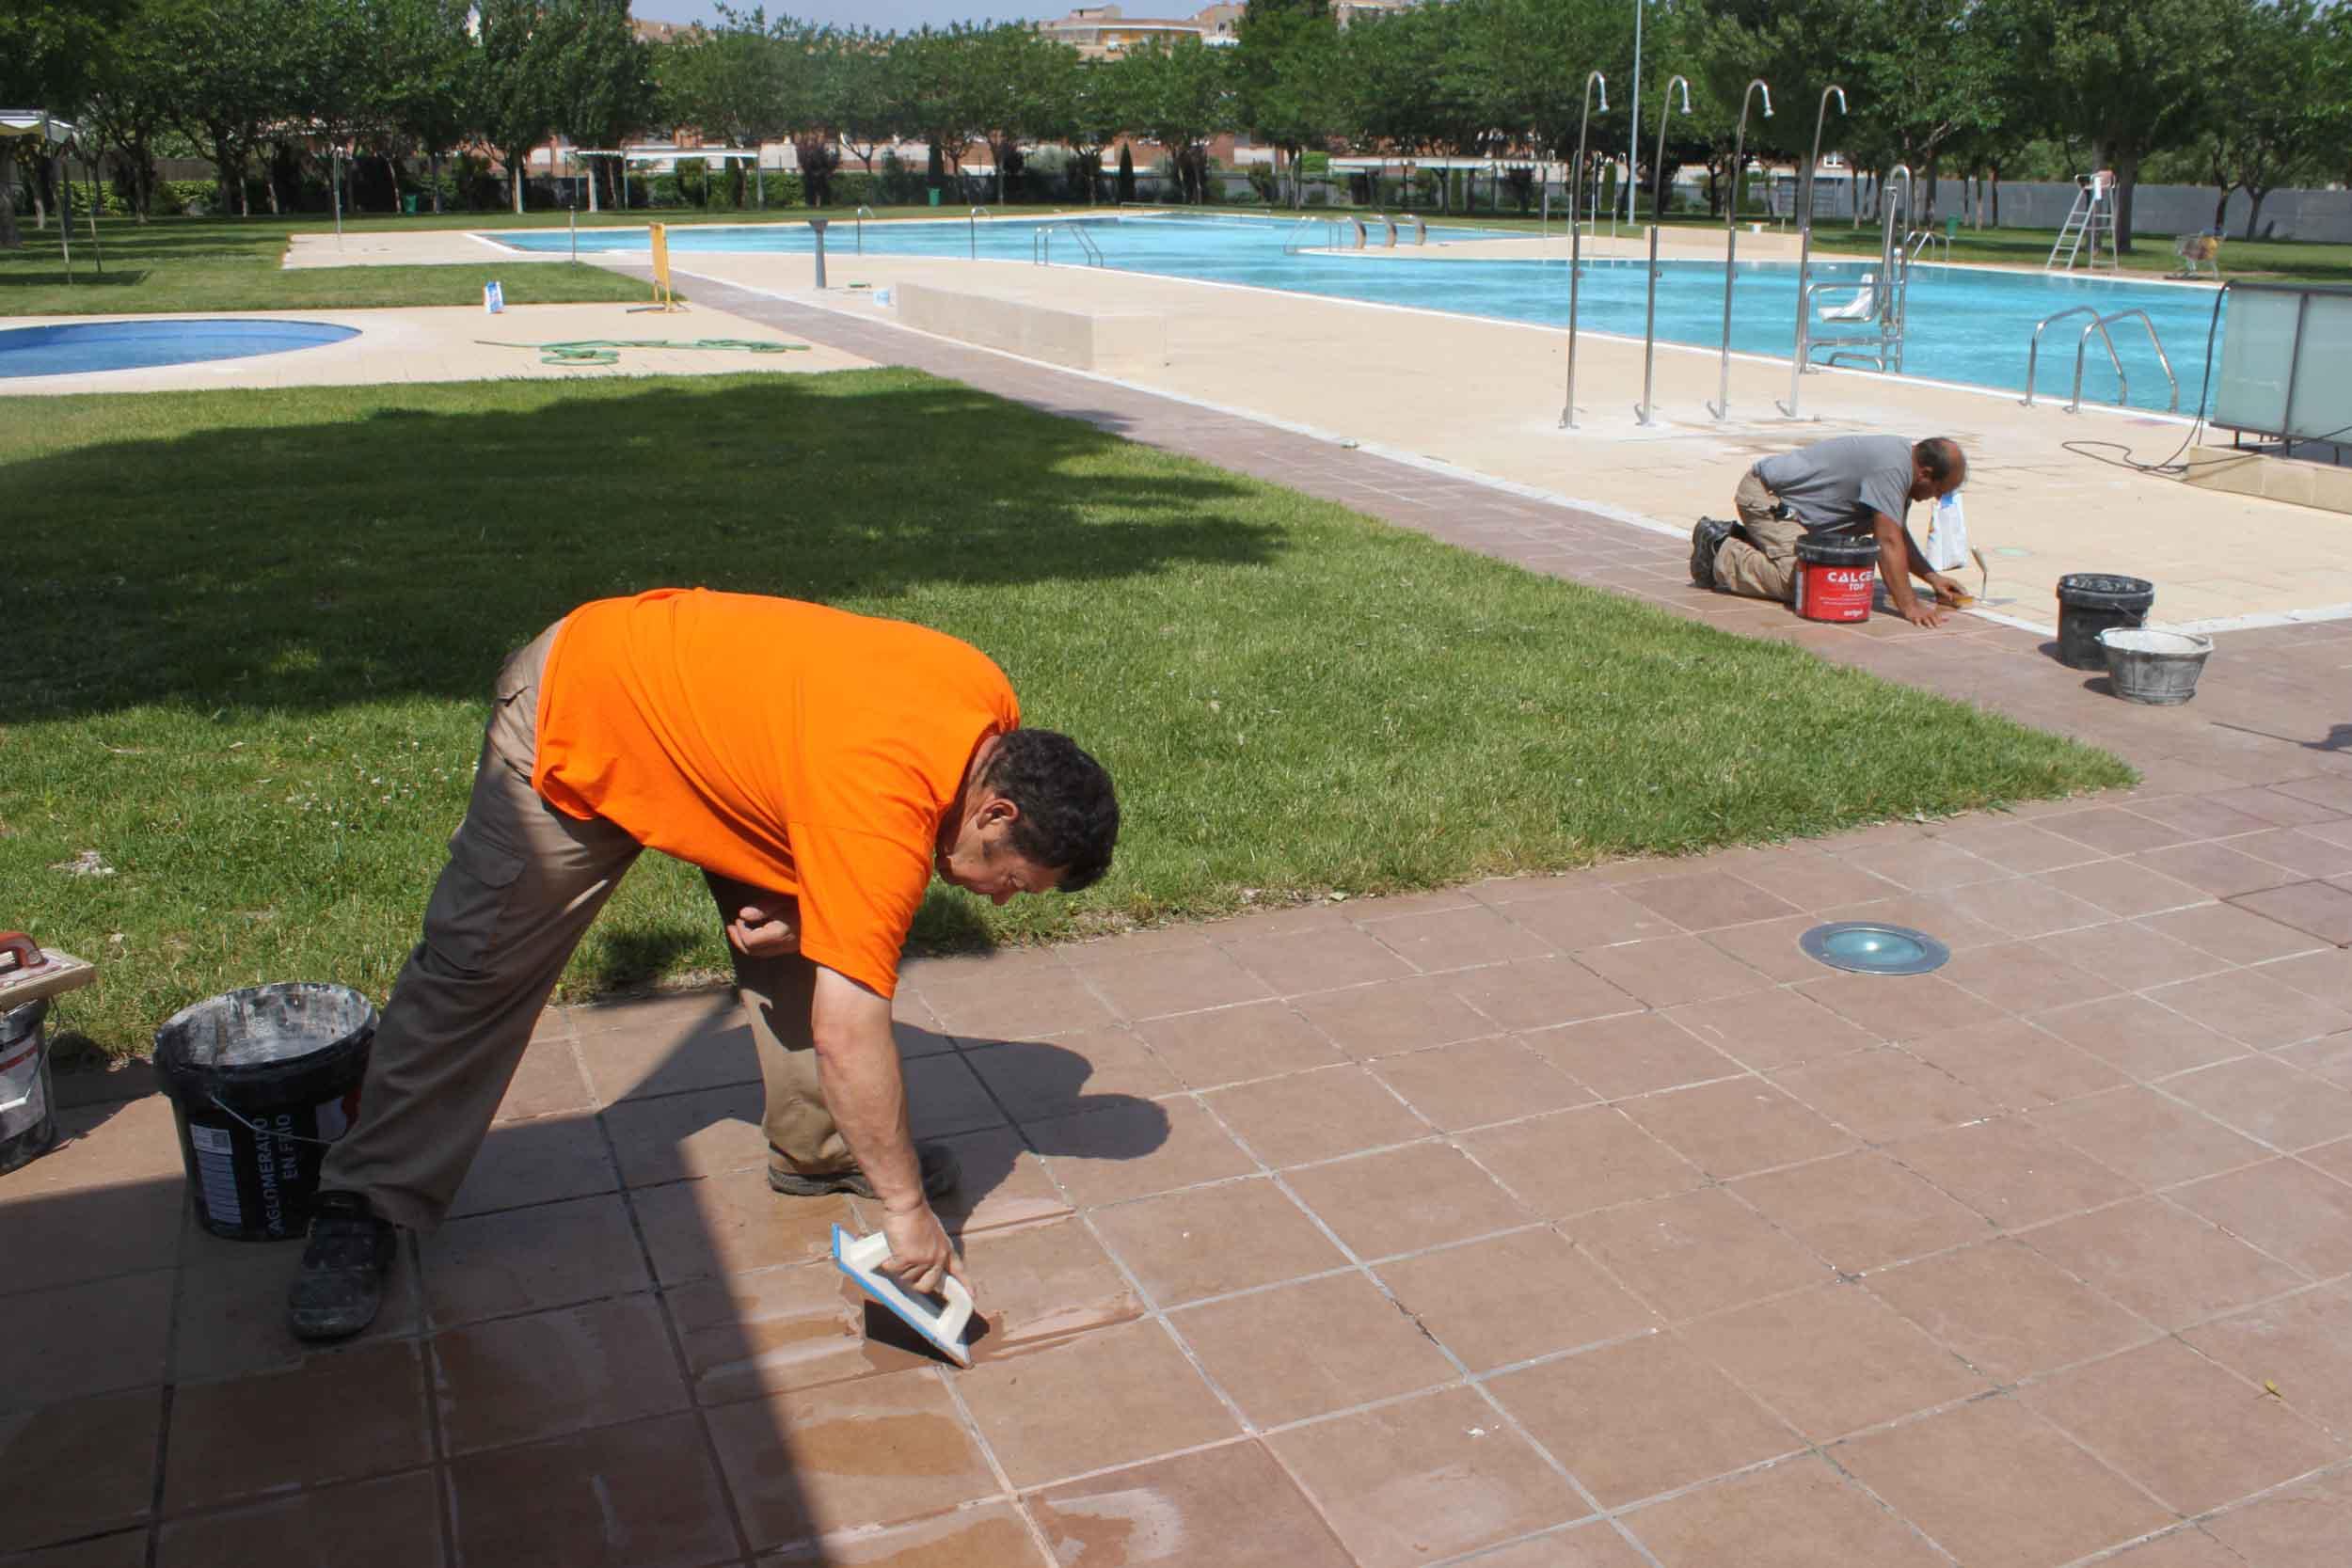 Les piscines municipals d'estiu de Tàrrega, a punt per iniciar la nova temporada de bany el dissabte 15 de juny